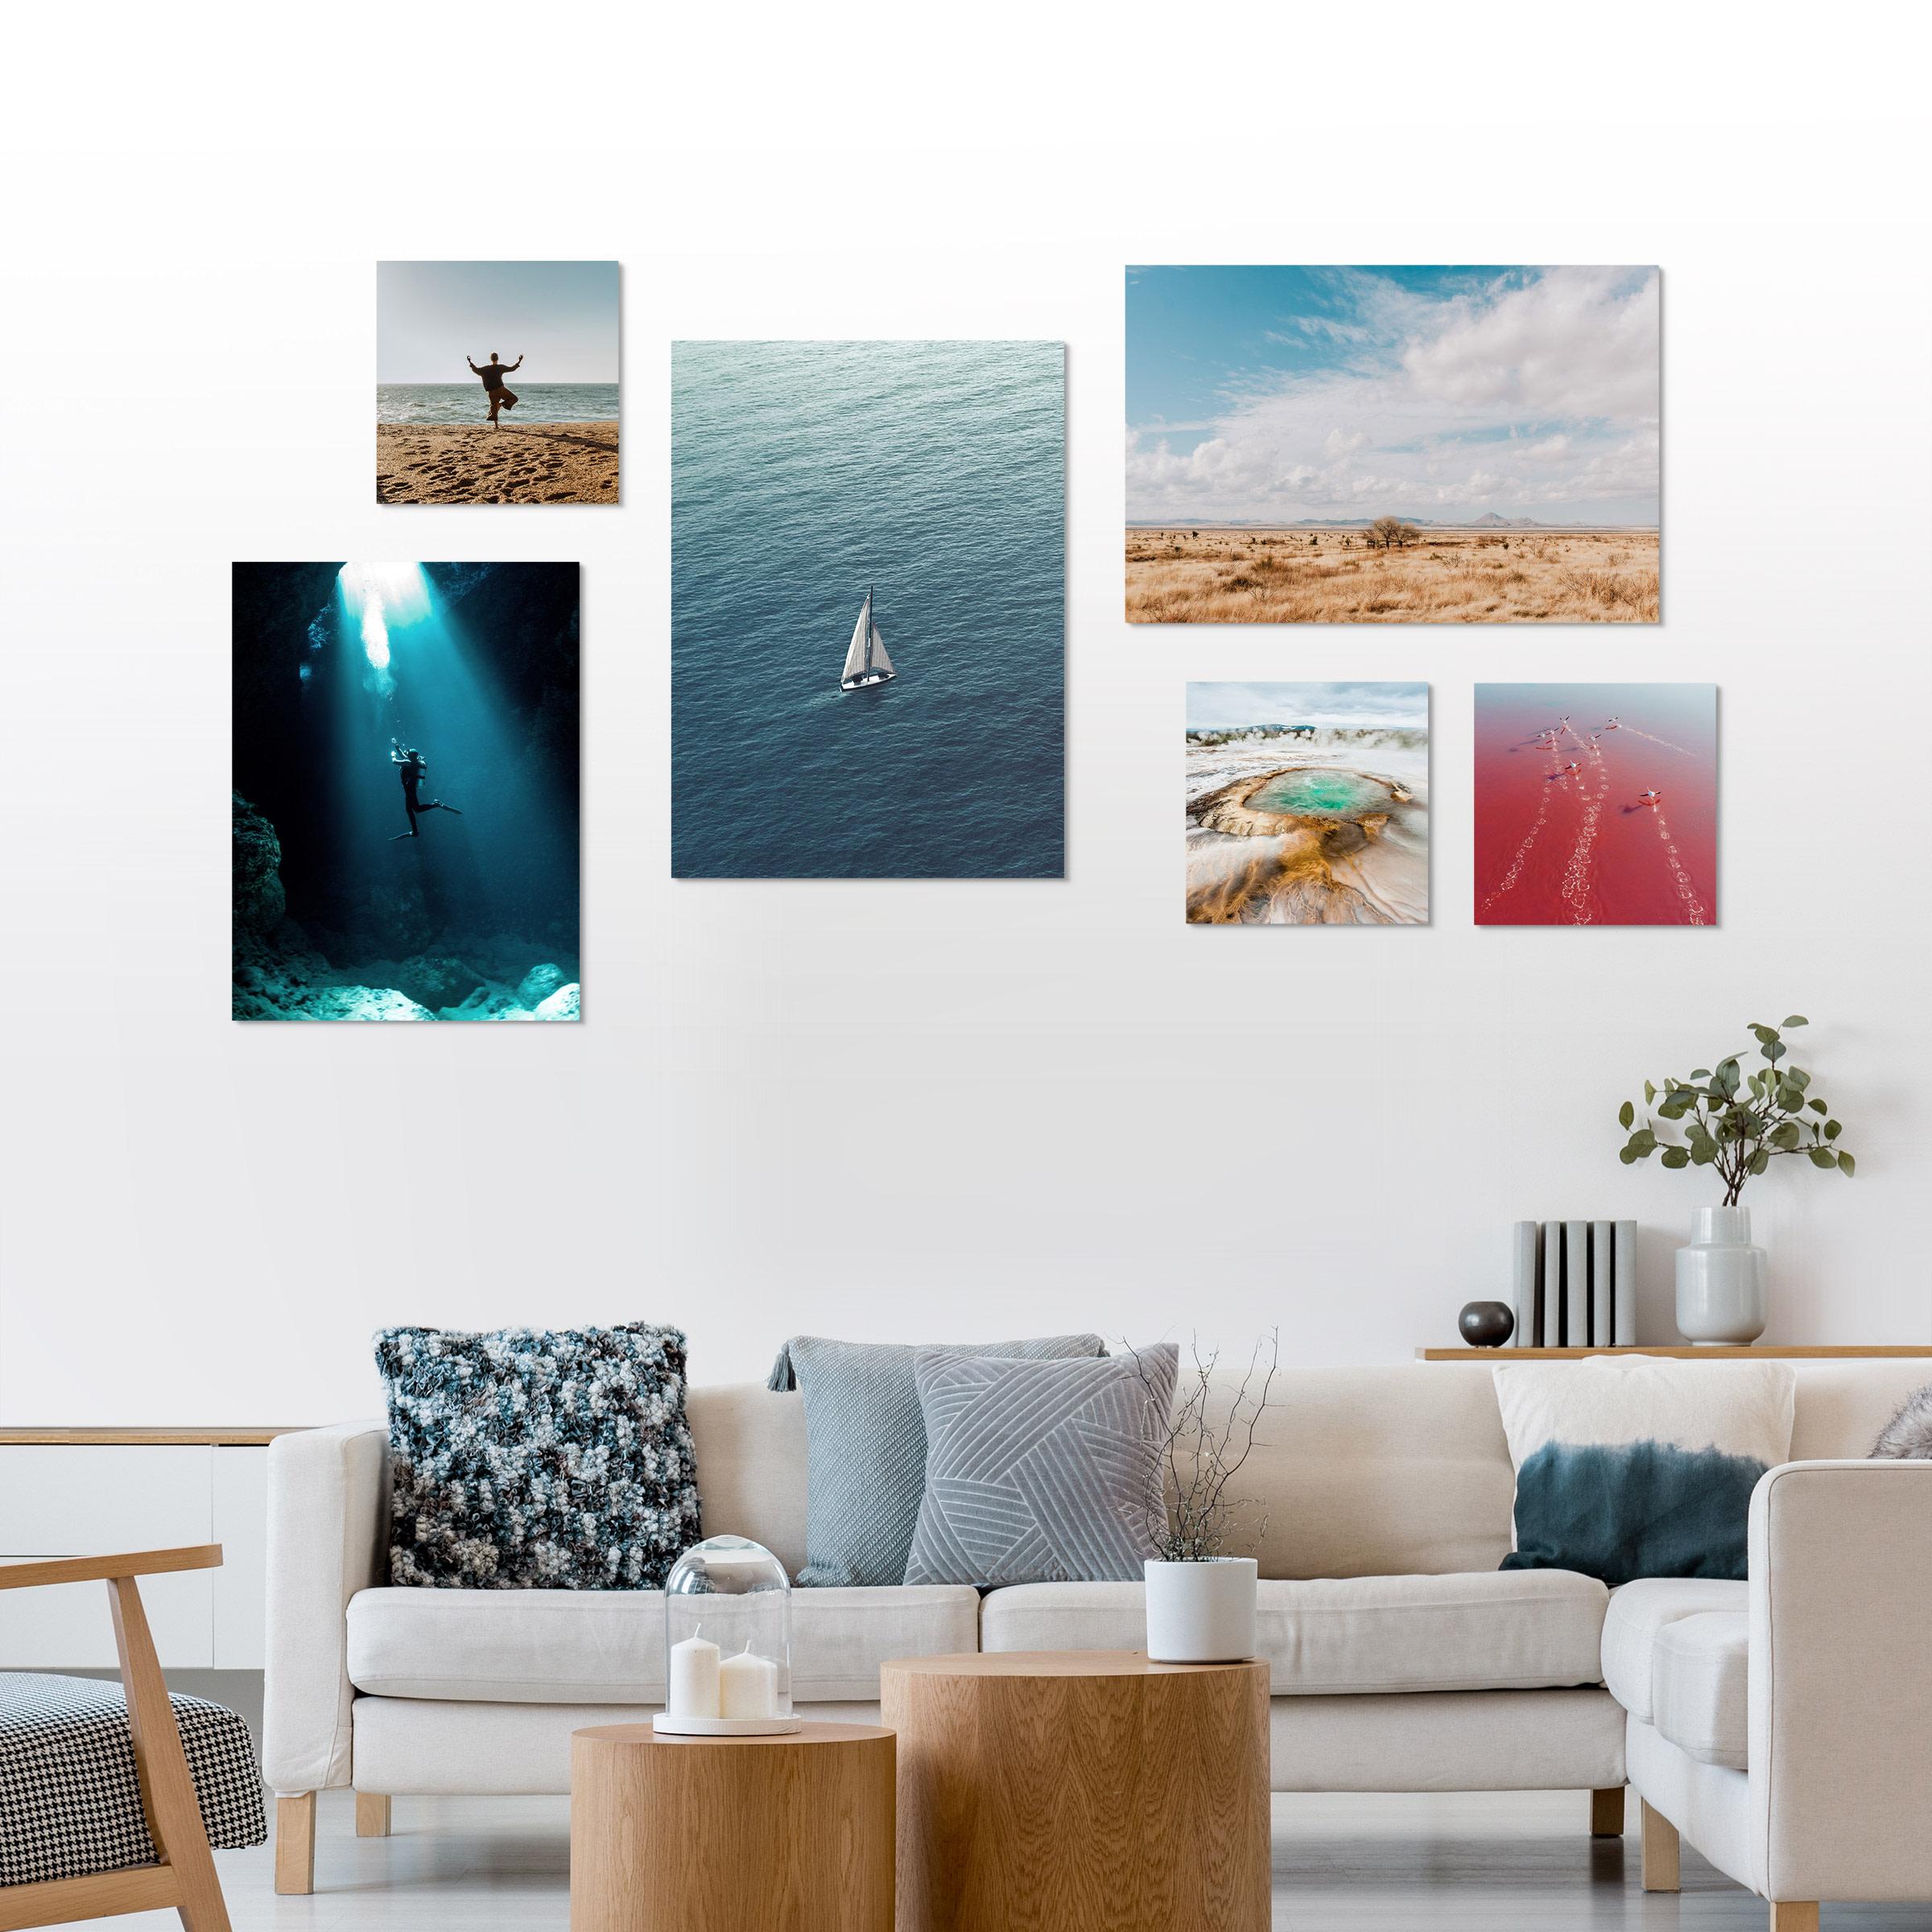 foto-druck-auf-forex-landschaft-inspiration-1200x1200.jpg